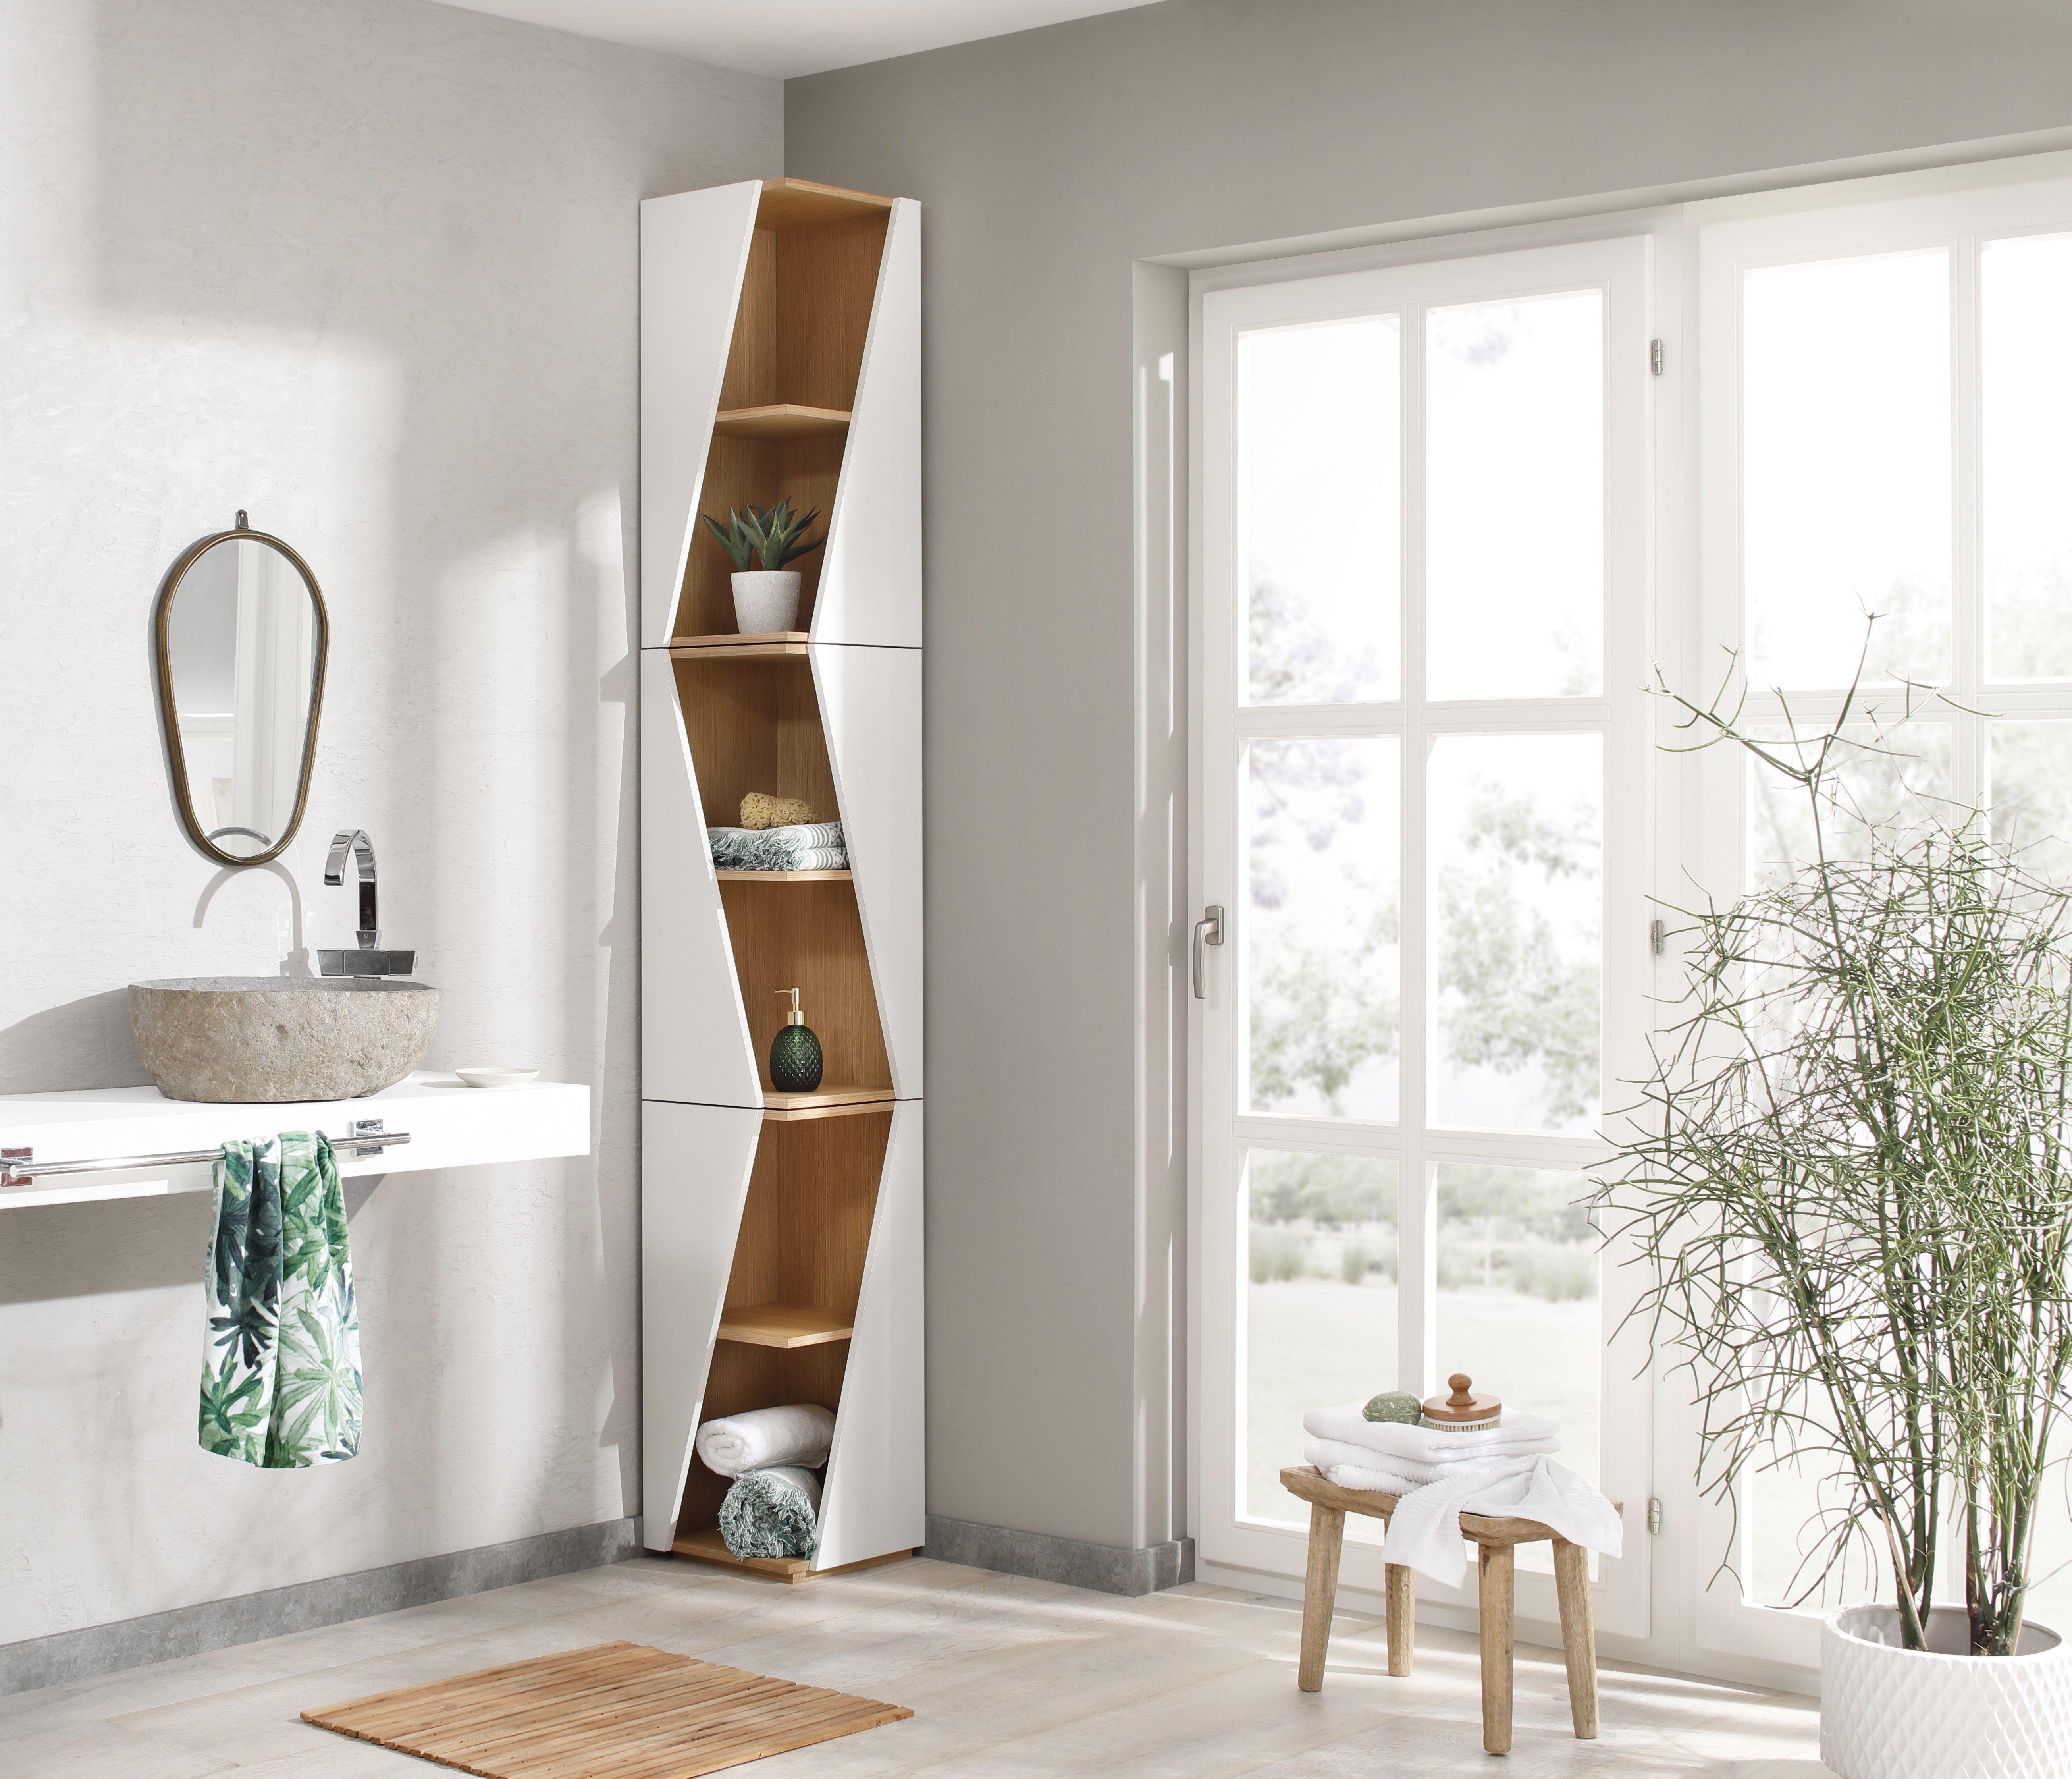 becky ist ein stapelbares design eckregal f r kleine badezimmer aufgrund der schmalen bauweise. Black Bedroom Furniture Sets. Home Design Ideas